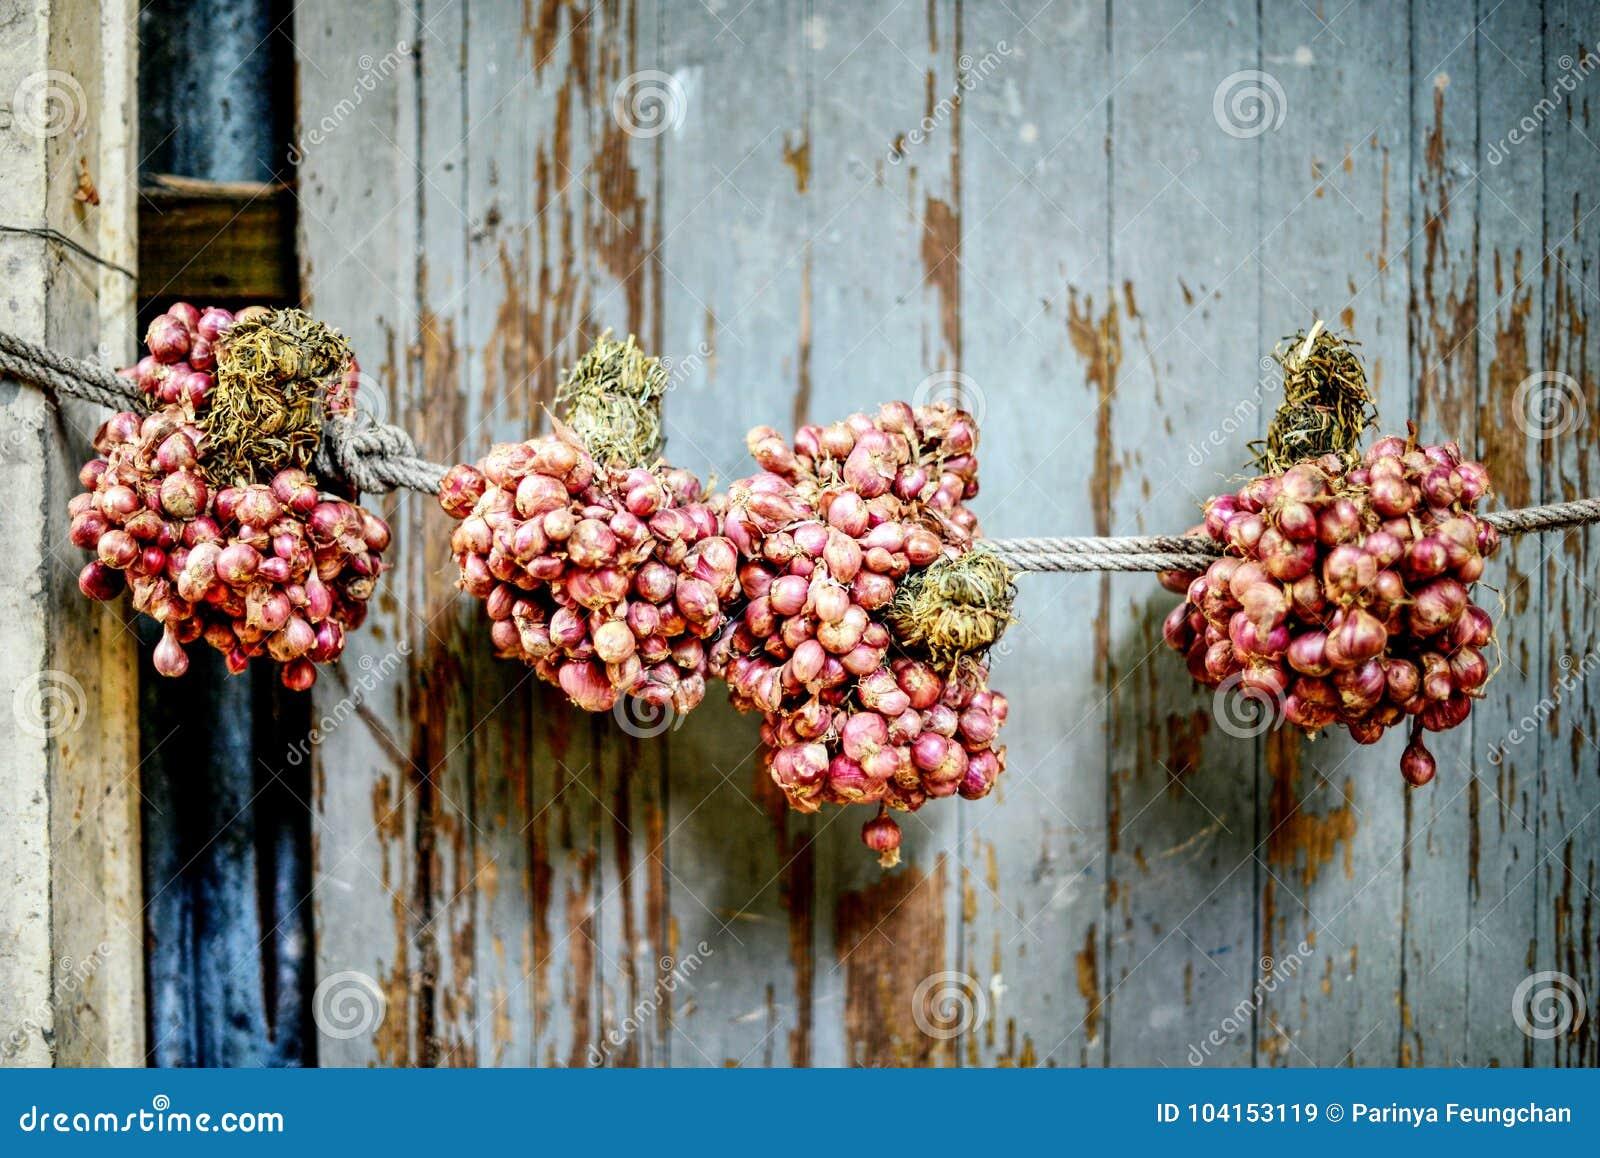 Oignon rouge accrochant sur le mur de la maison : Plan rapproché